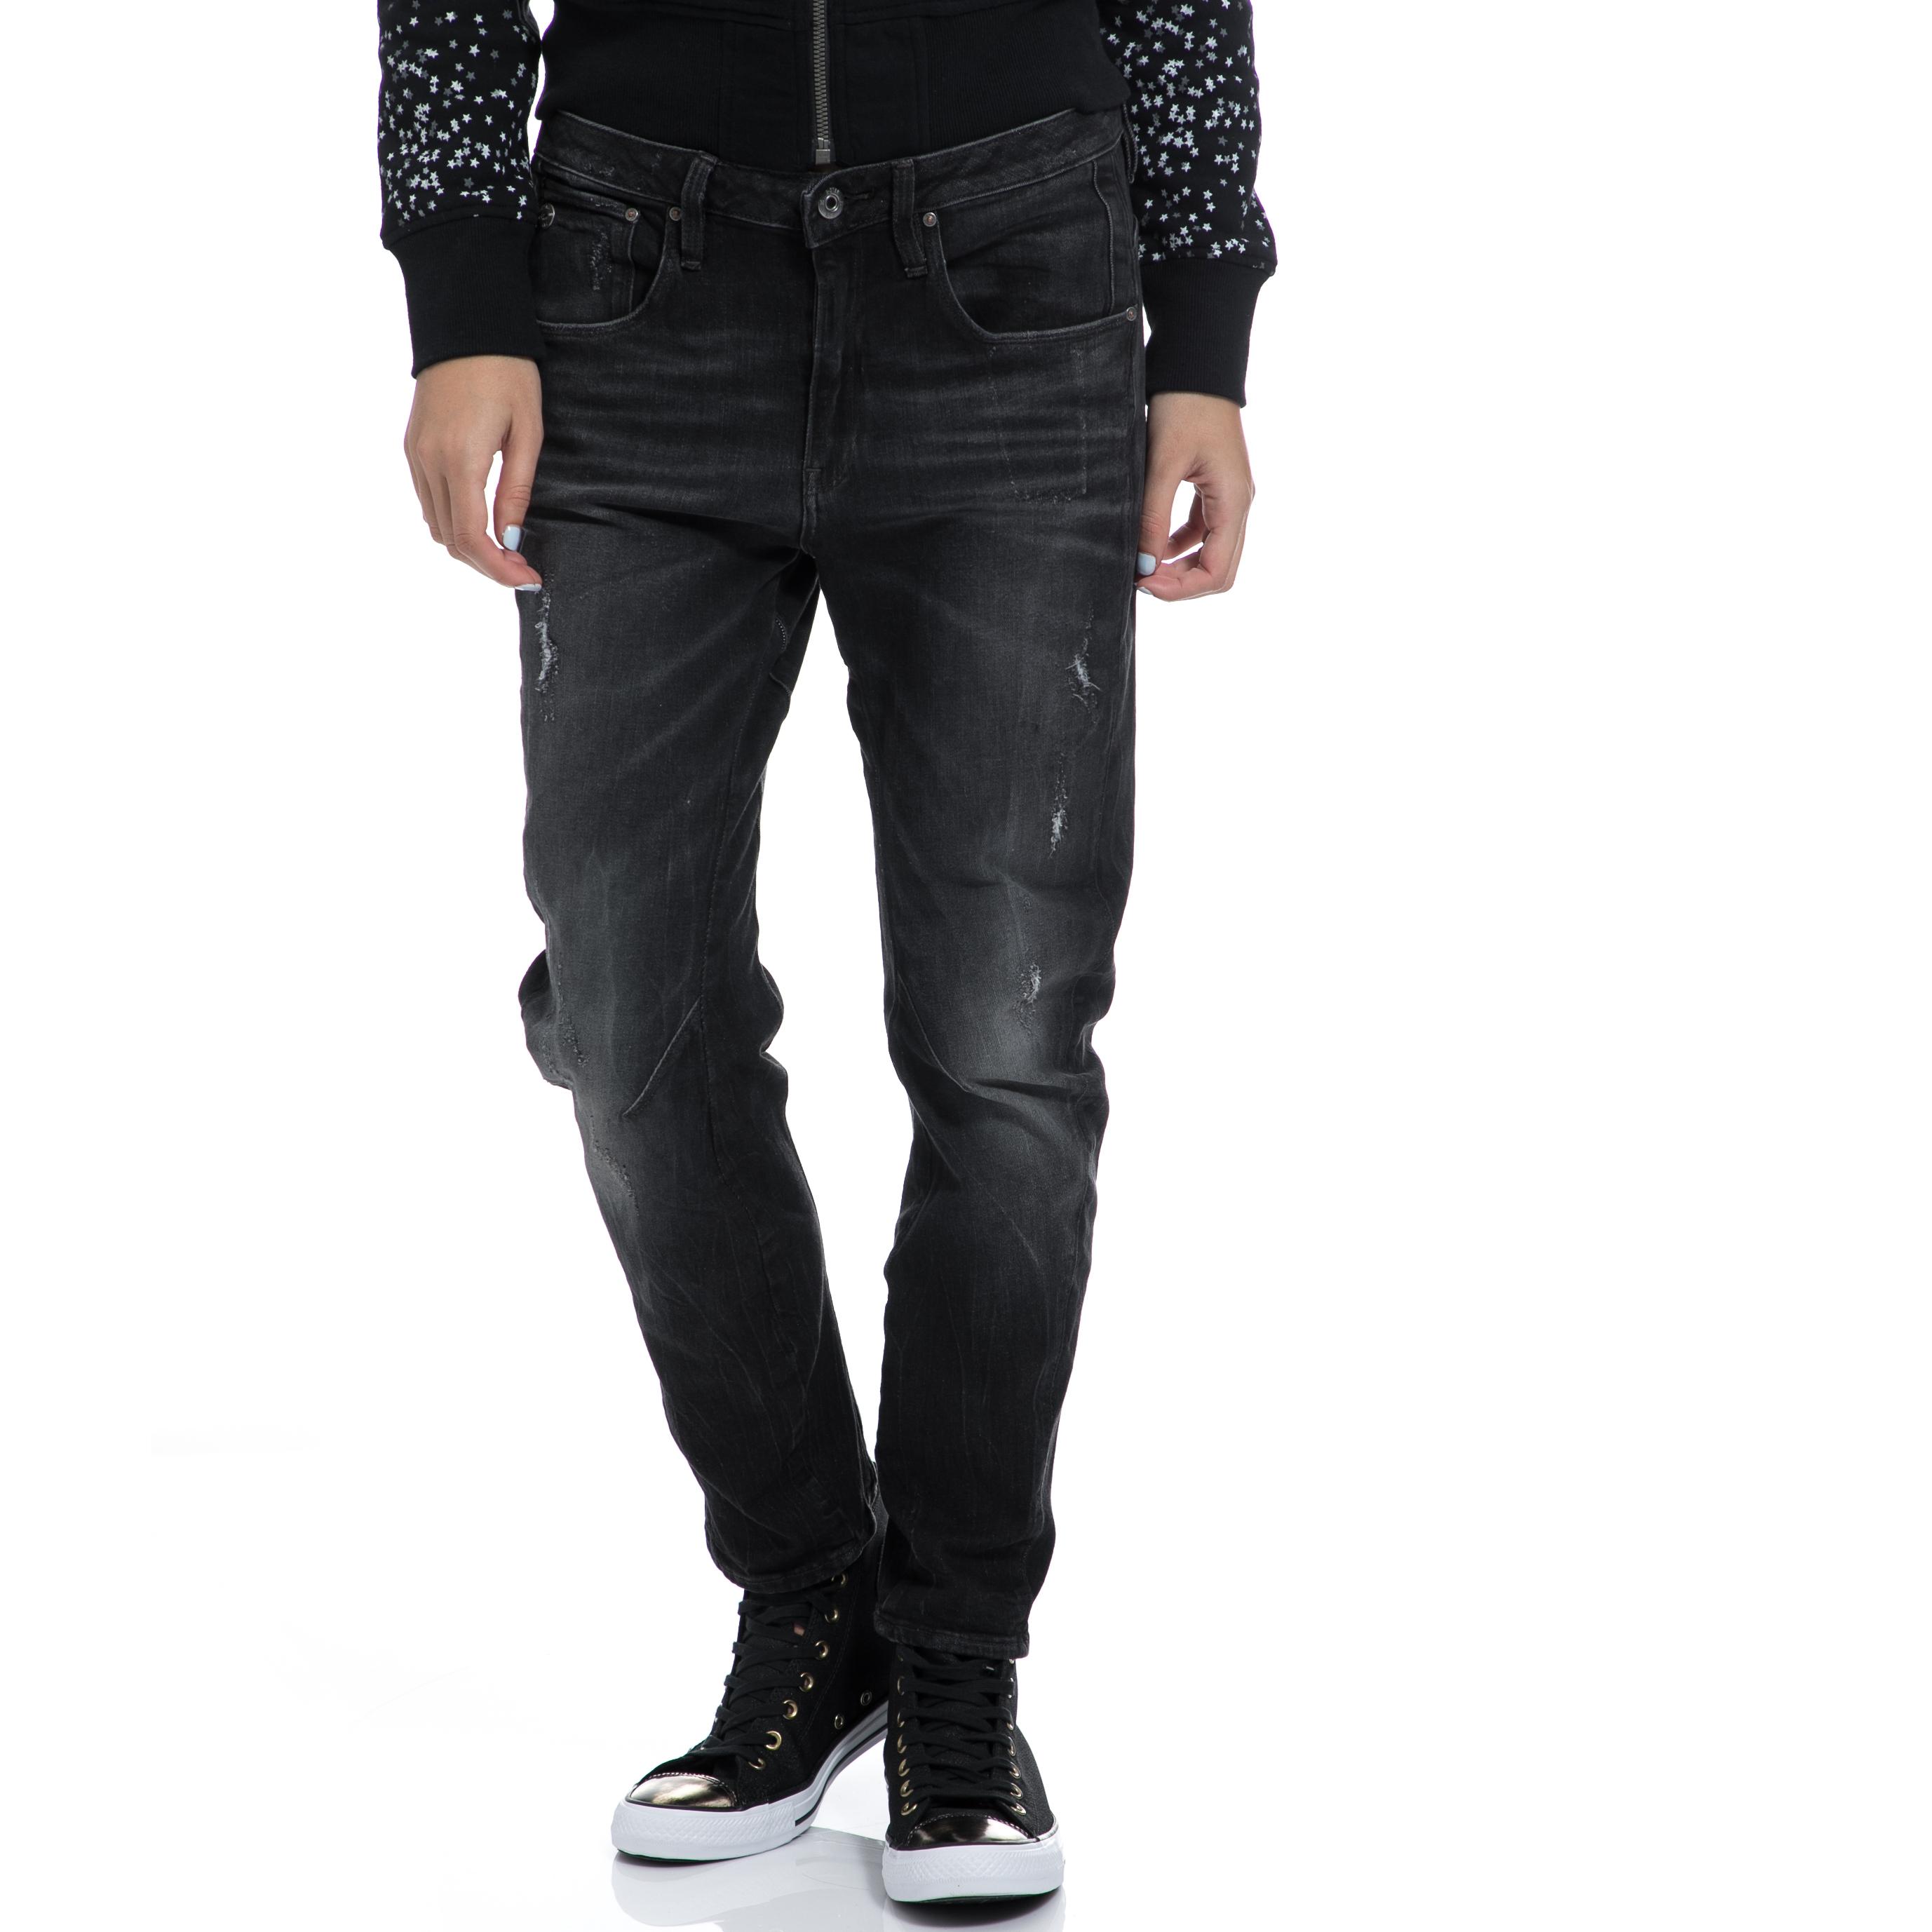 G-STAR RAW – Γυναικείο τζιν παντελόνι G-STAR RAW μαύρο